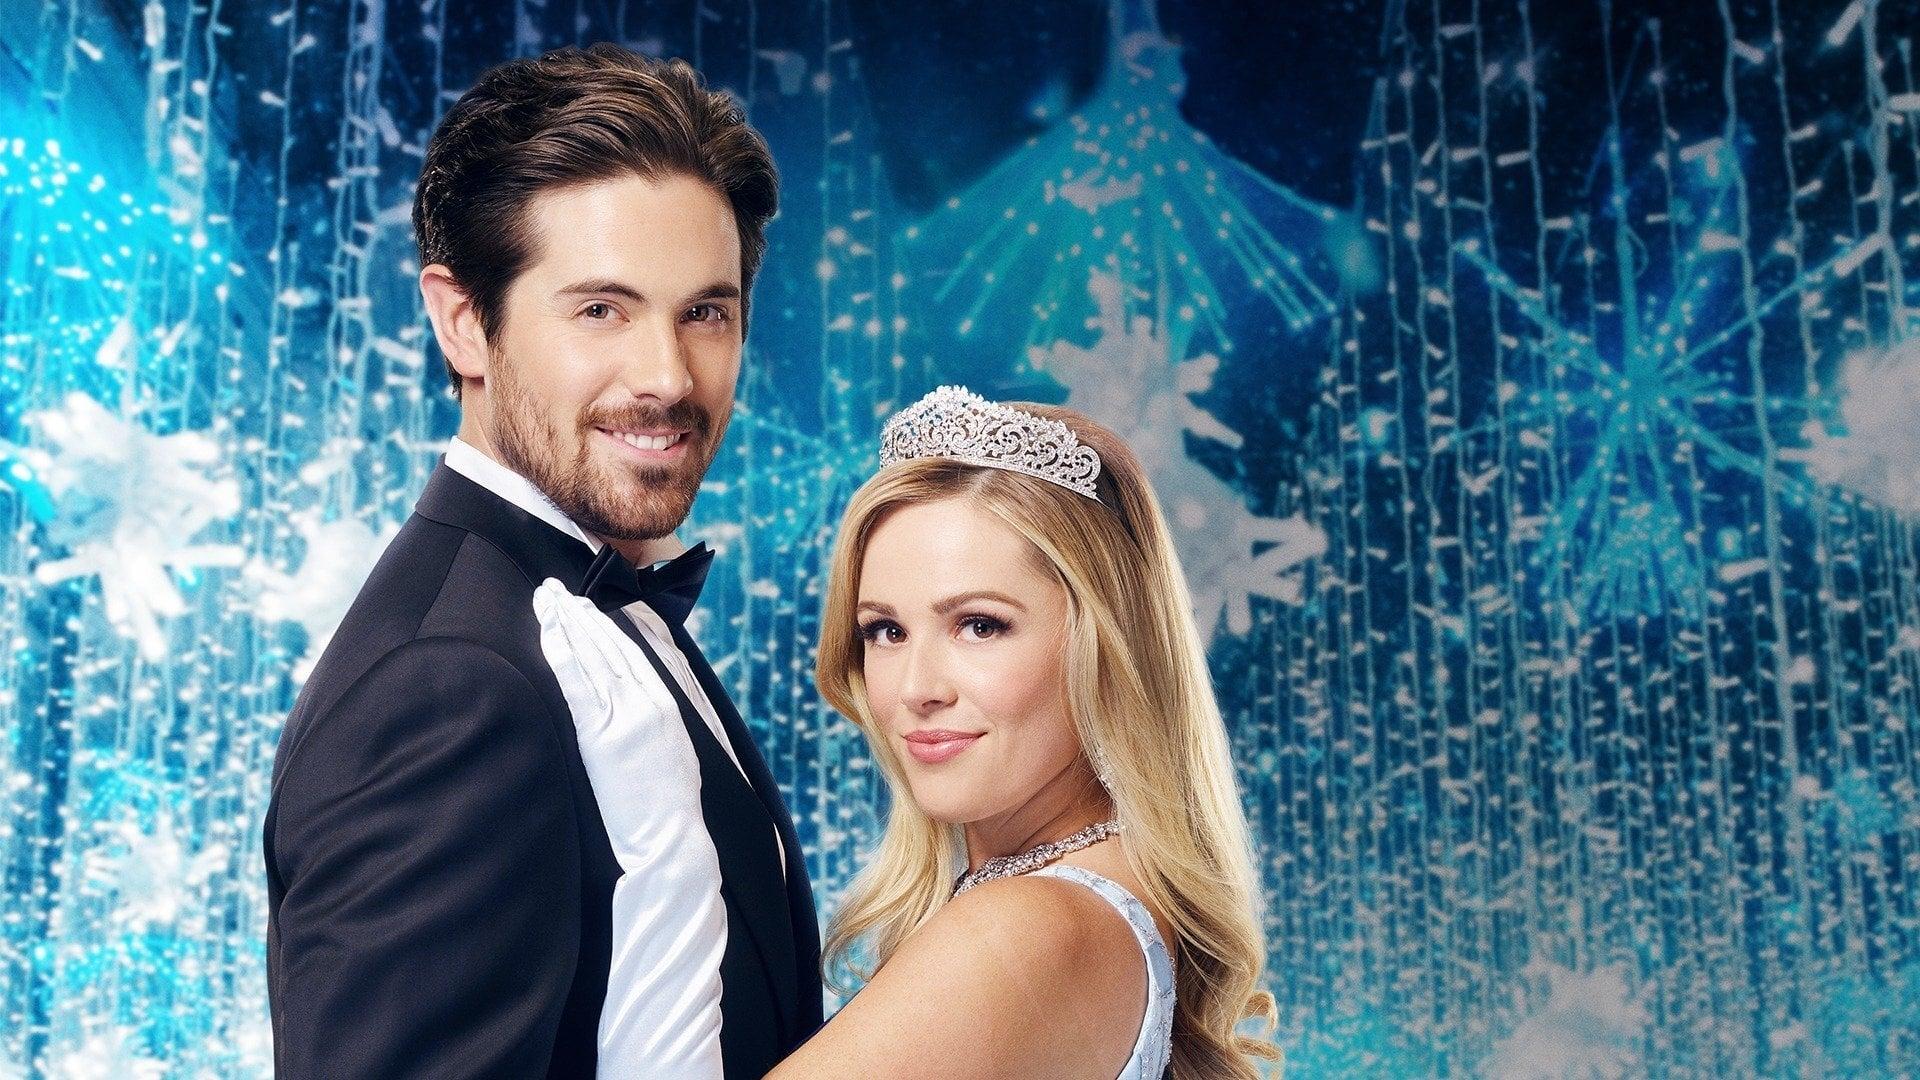 Princesa en la nieve (2019)